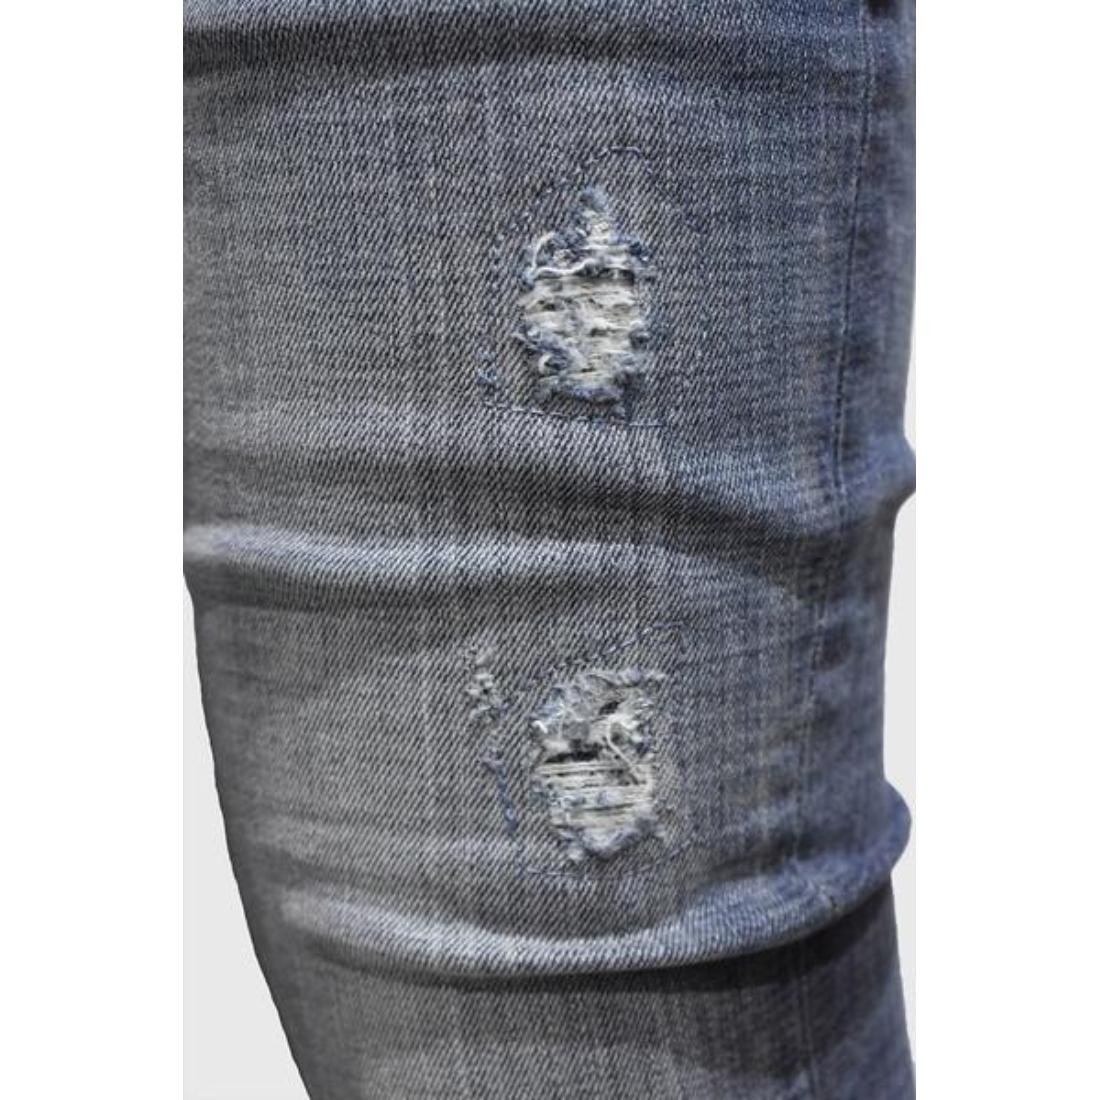 vialli spy jeans wqcfwc